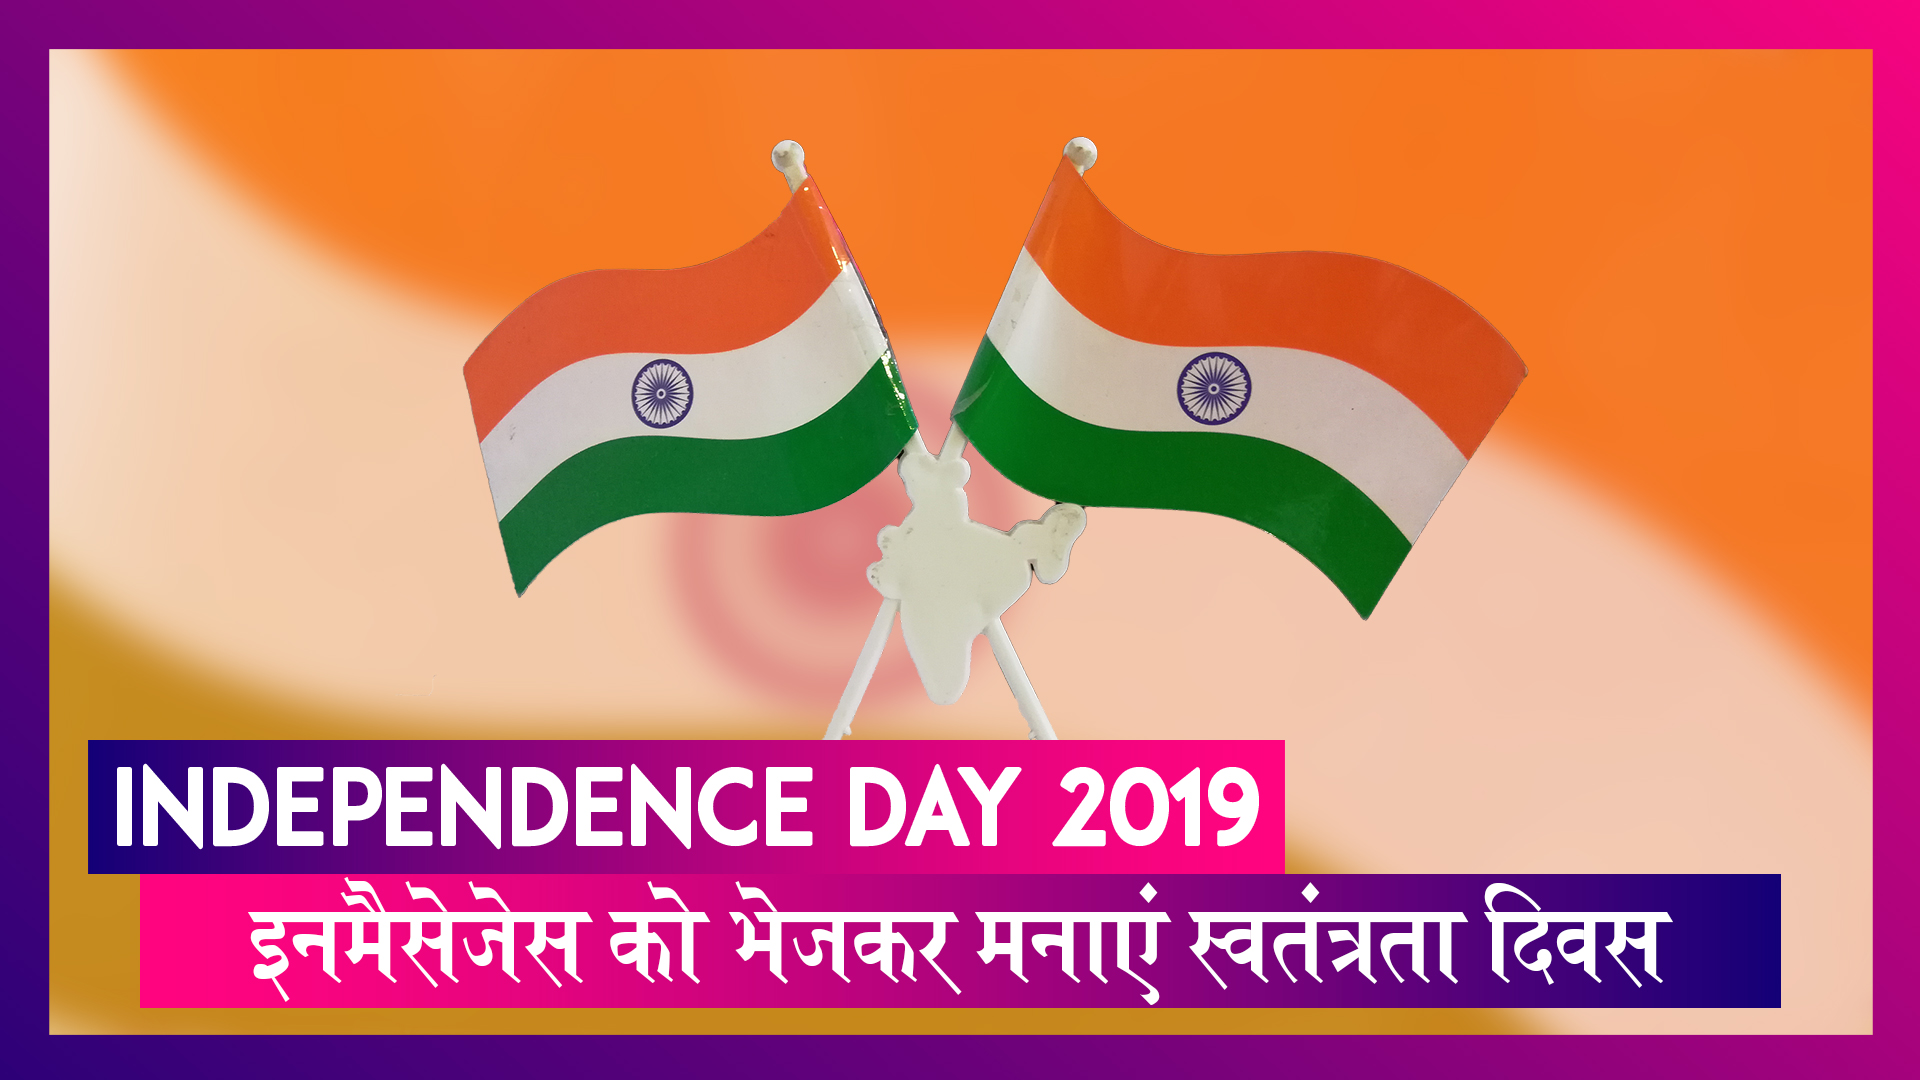 Independence Day 2019 Wishes: इन शानदार मैसेजेस को भेजकर मनाएं स्वतंत्रता दिवस का जश्न